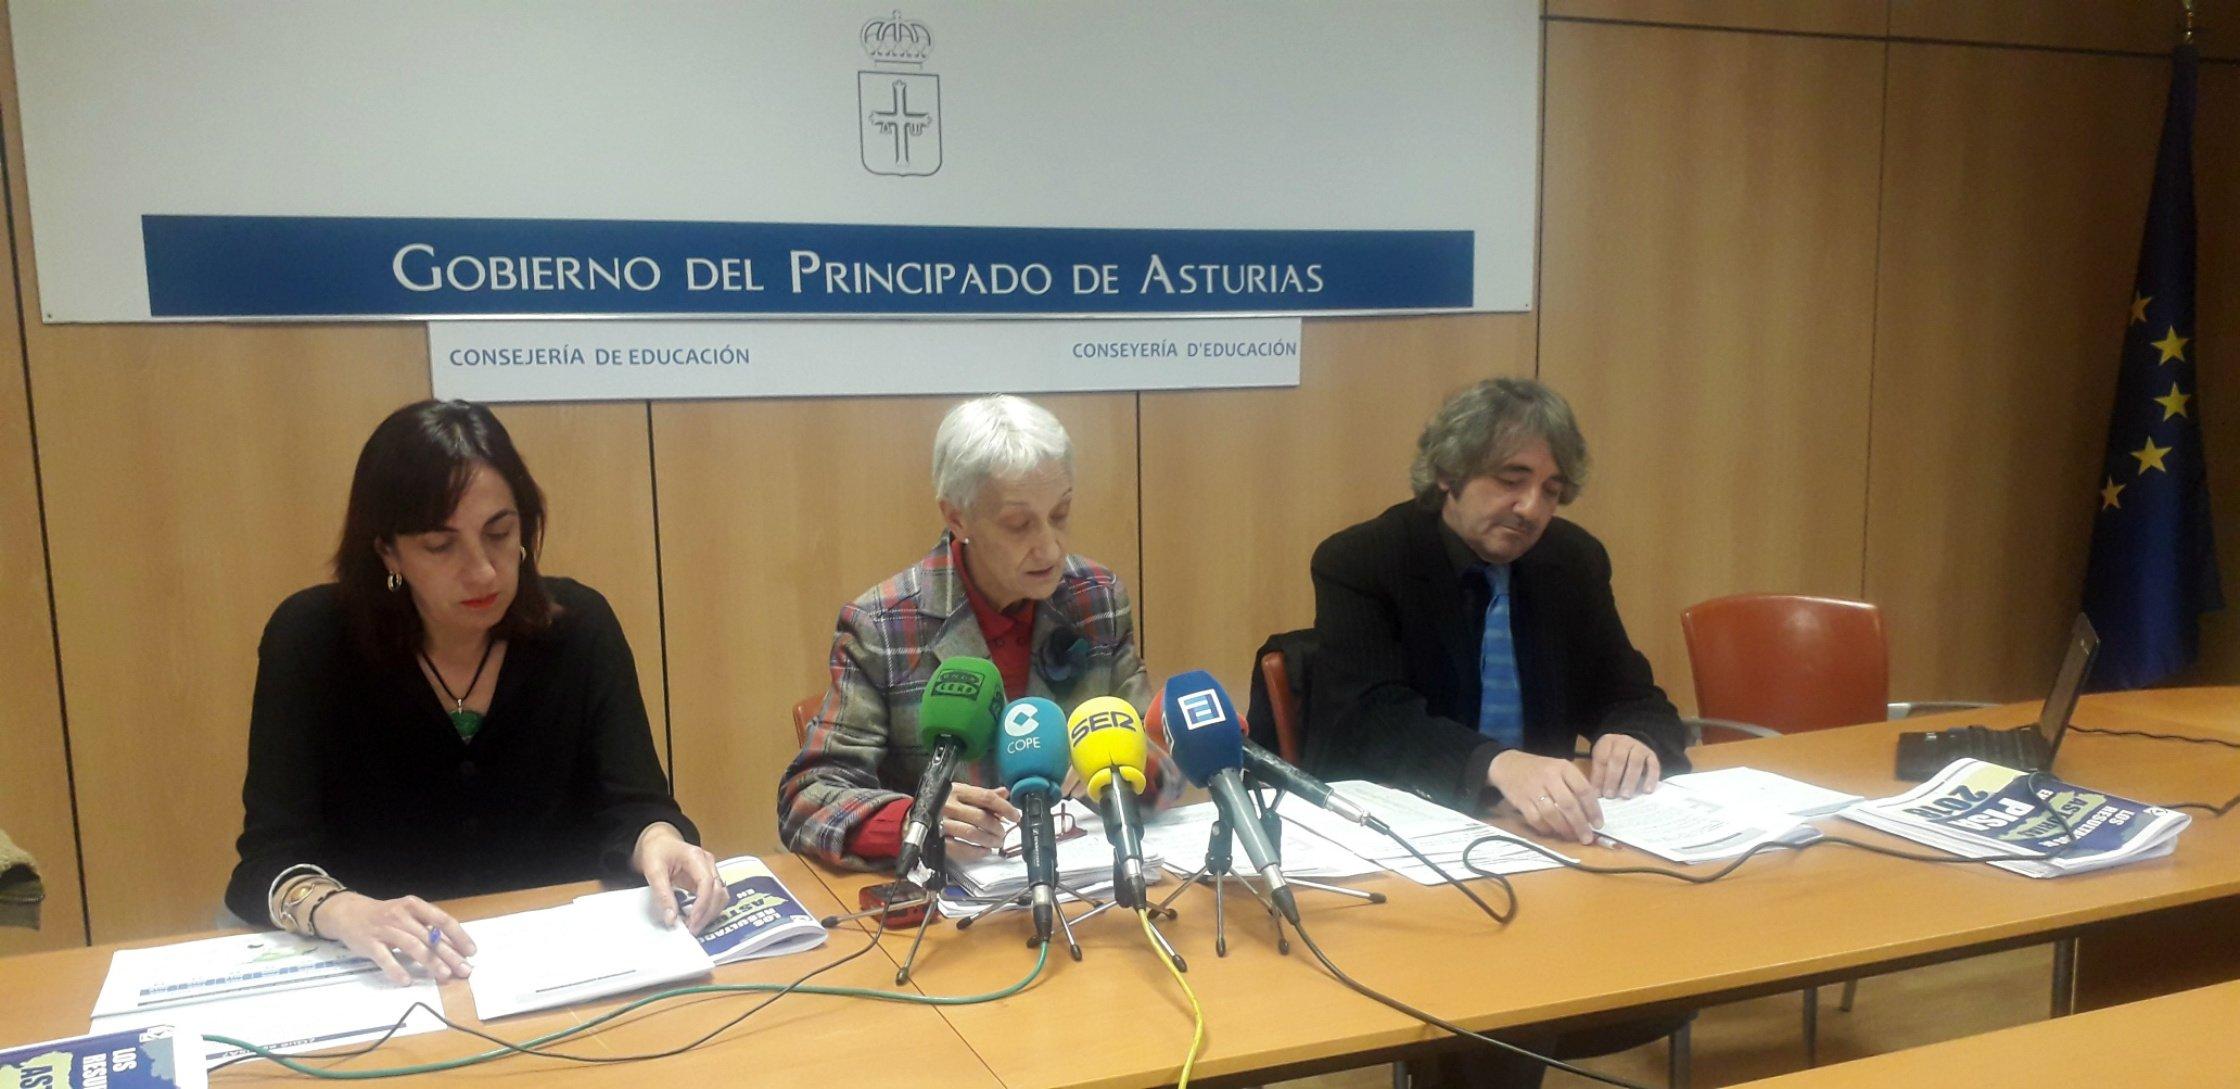 El alumnado de Asturias supera la media de la OCDE en todas las competencias educativas, según el último informe PISA